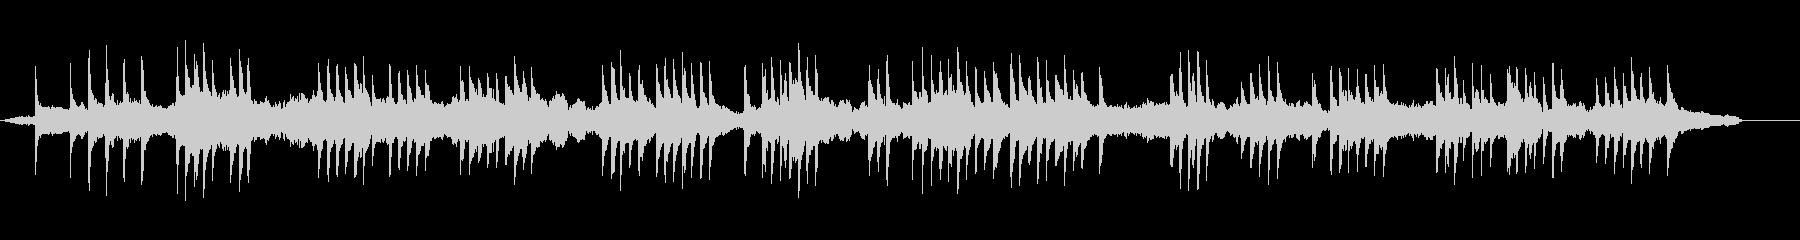 モダンな琴と弦楽器の和風BGMの未再生の波形